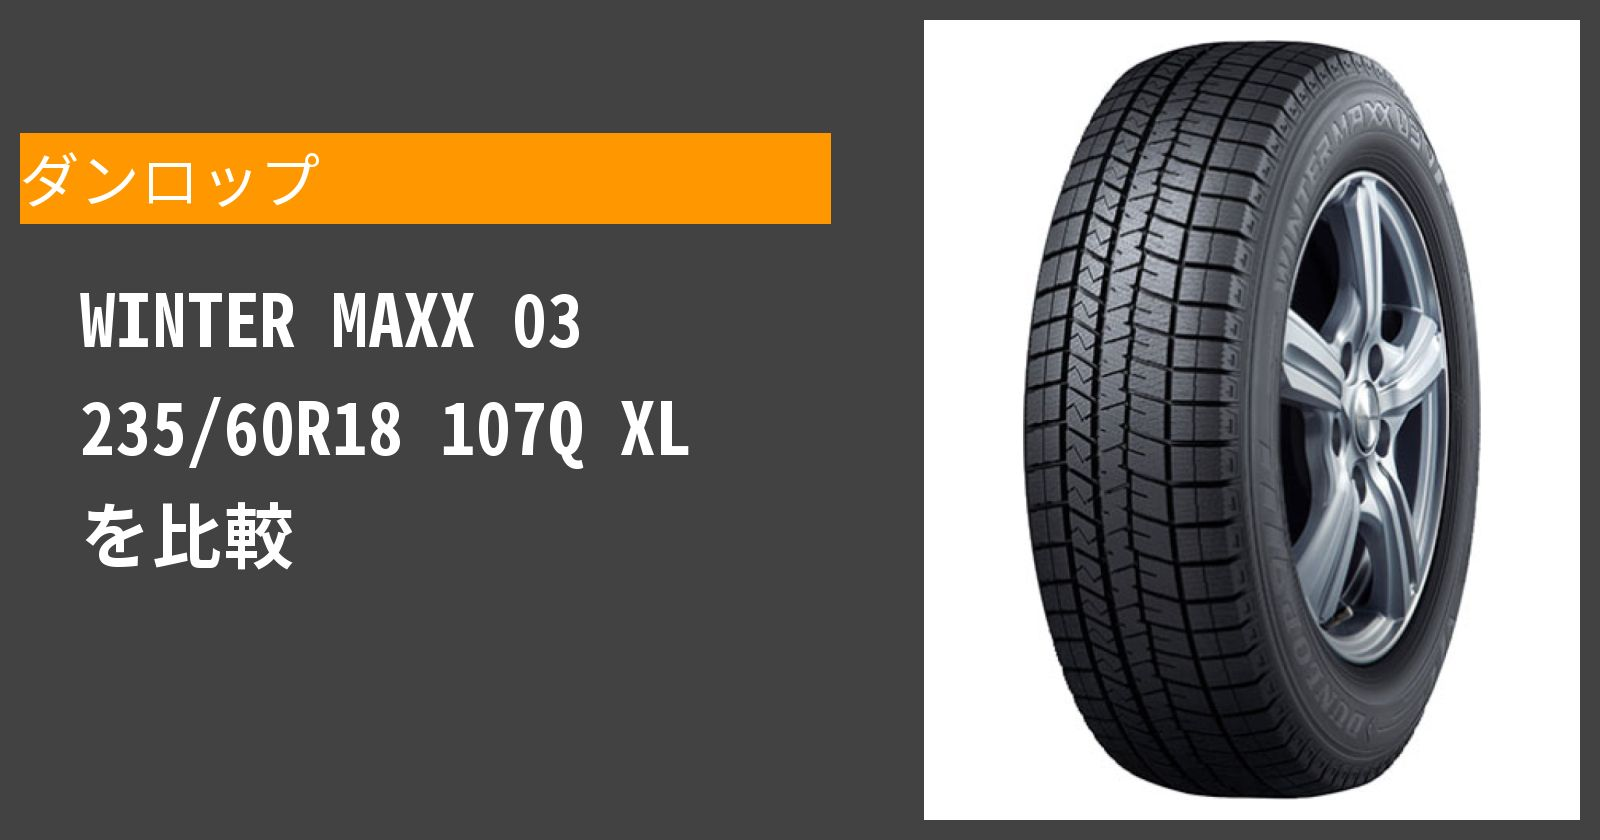 WINTER MAXX 03 235/60R18 107Q XLを徹底評価